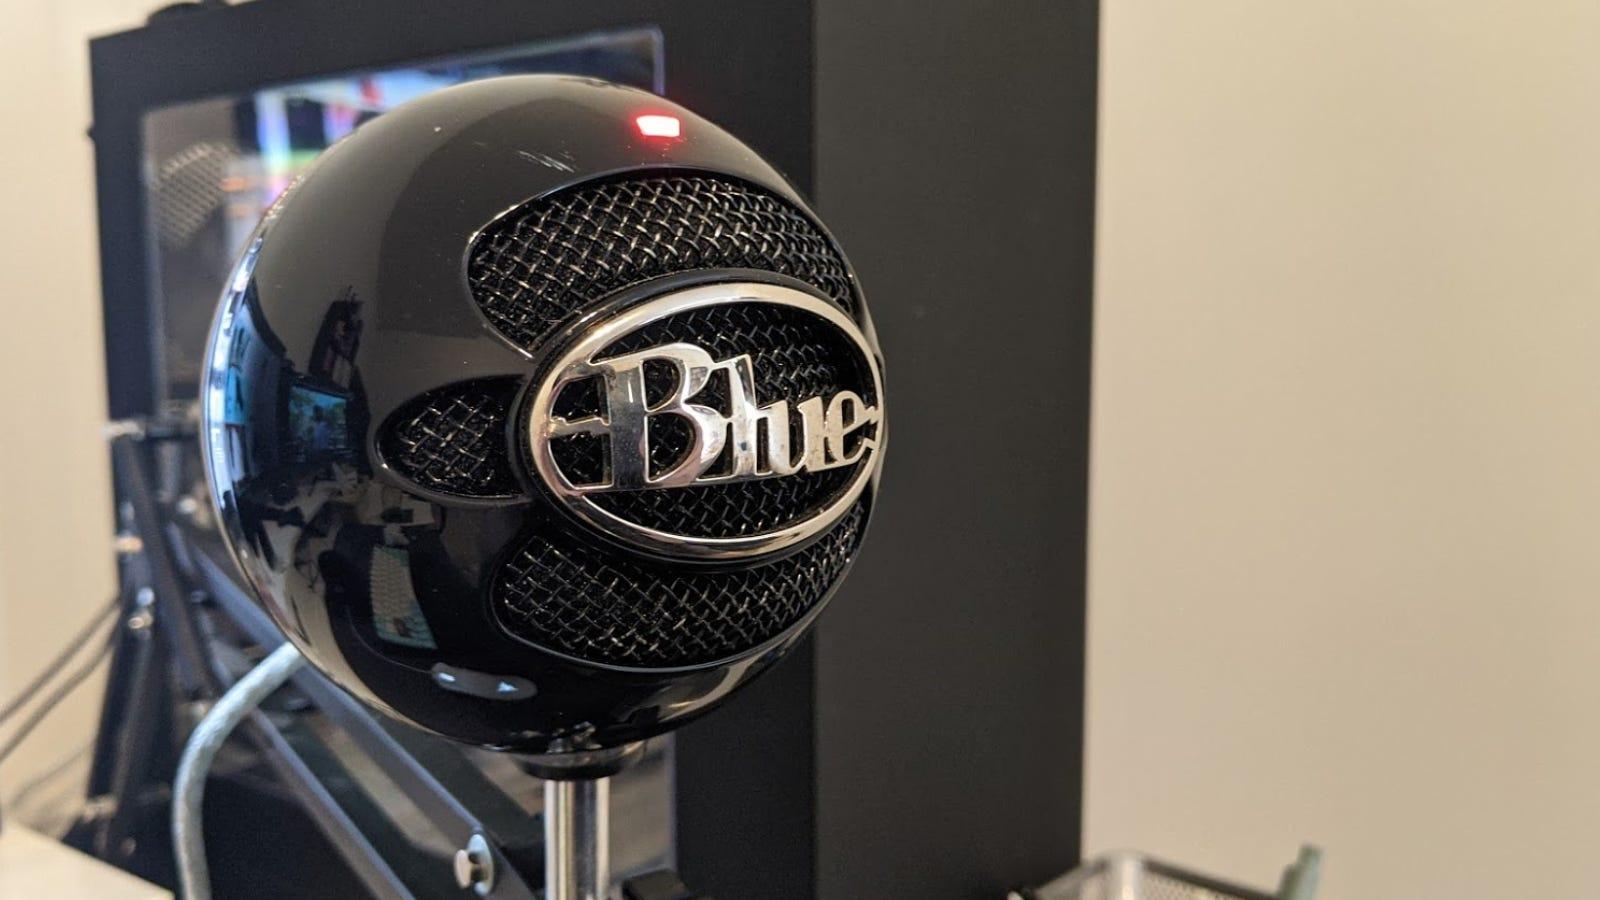 ميكروفون كرة ثلج أزرق على الرف بجوار الكمبيوتر